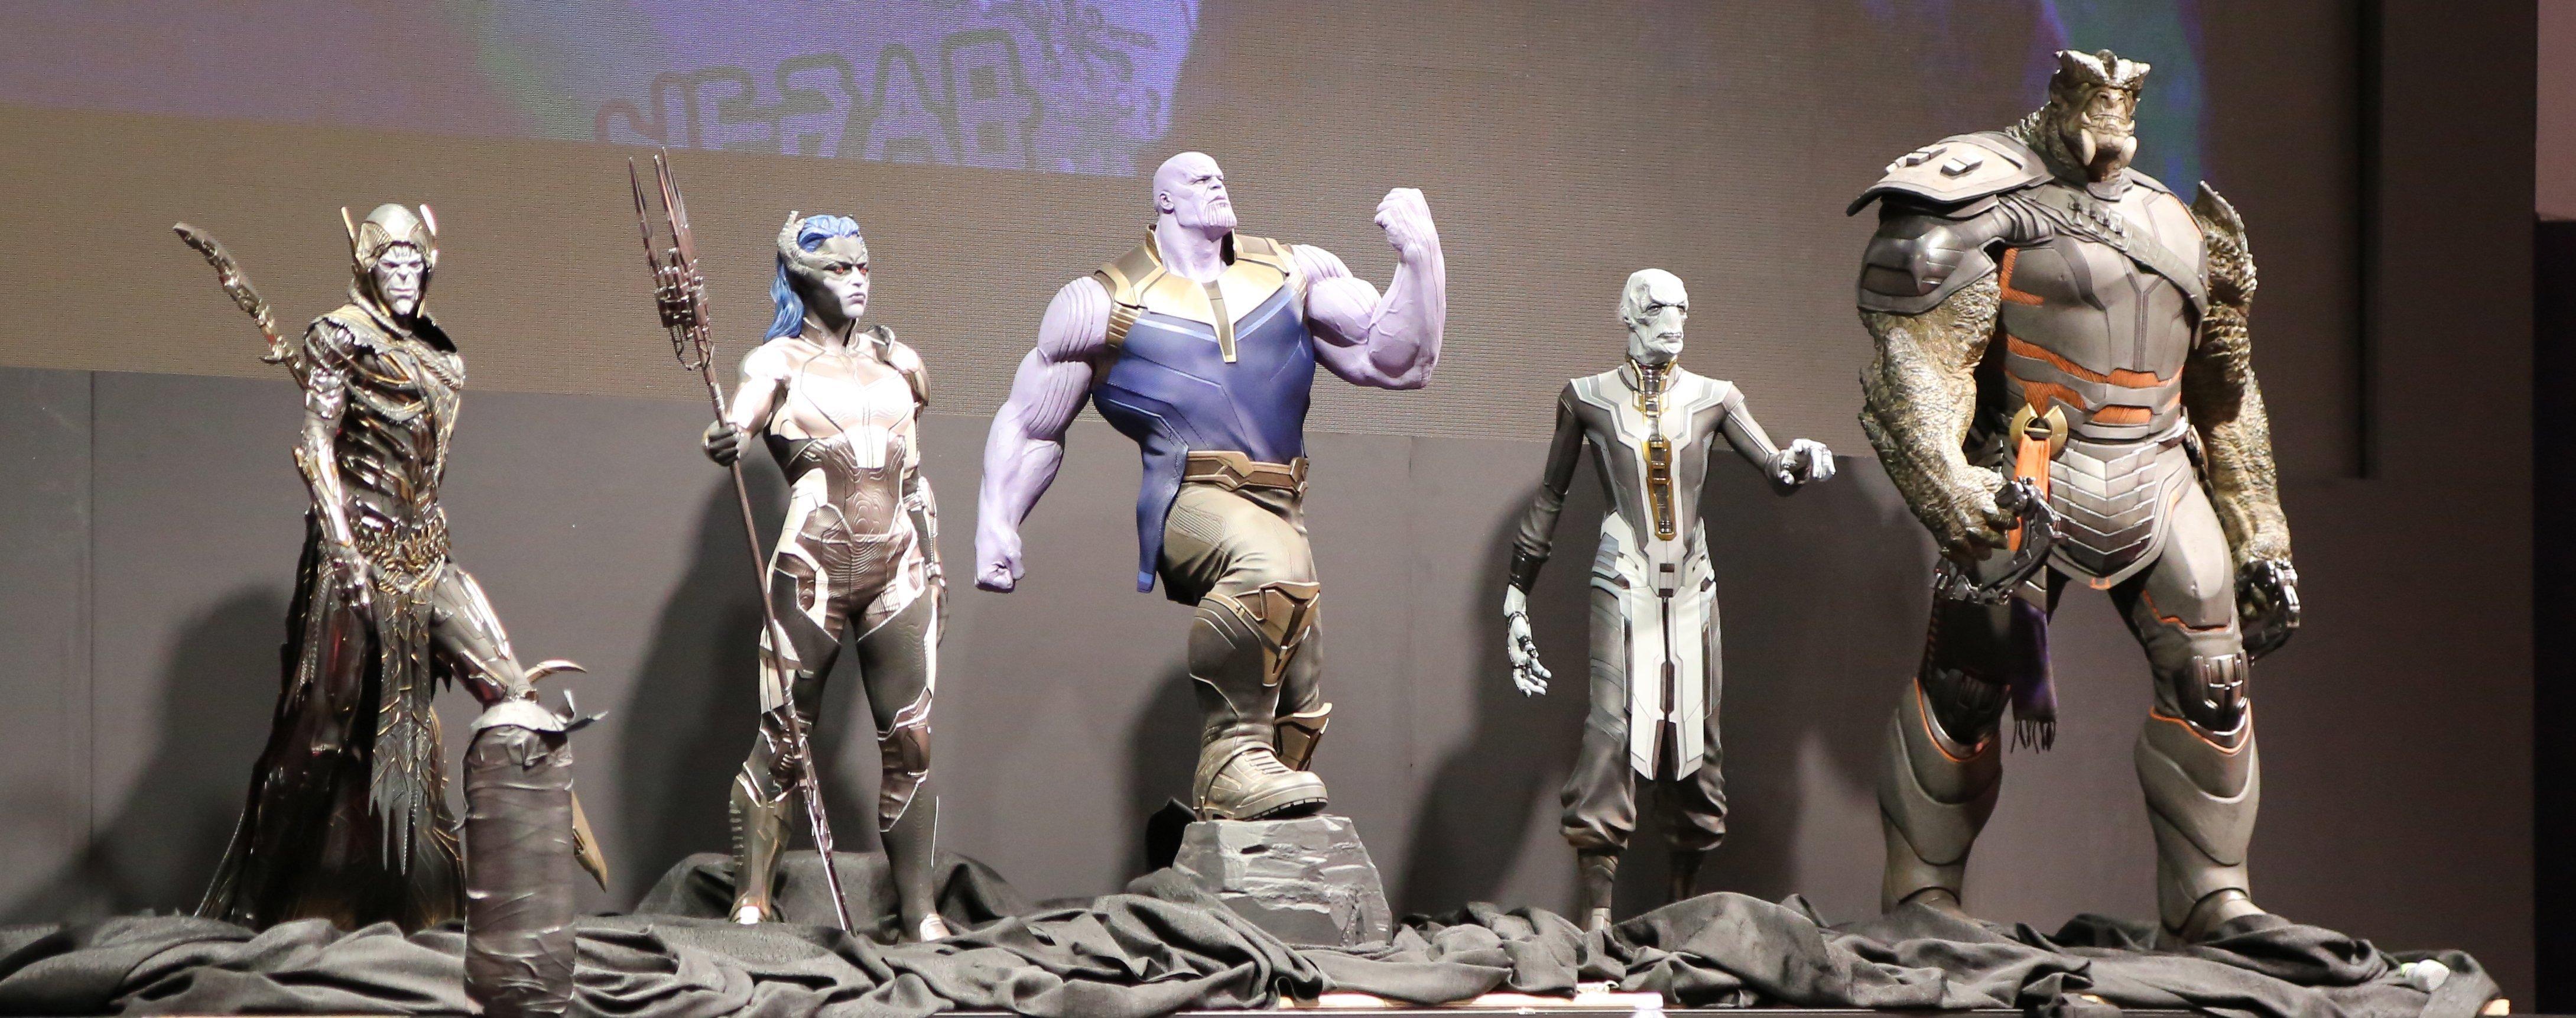 Photo du film Avengers: Infinity War au D23 2017 avec Thanos et les Children of Thanos